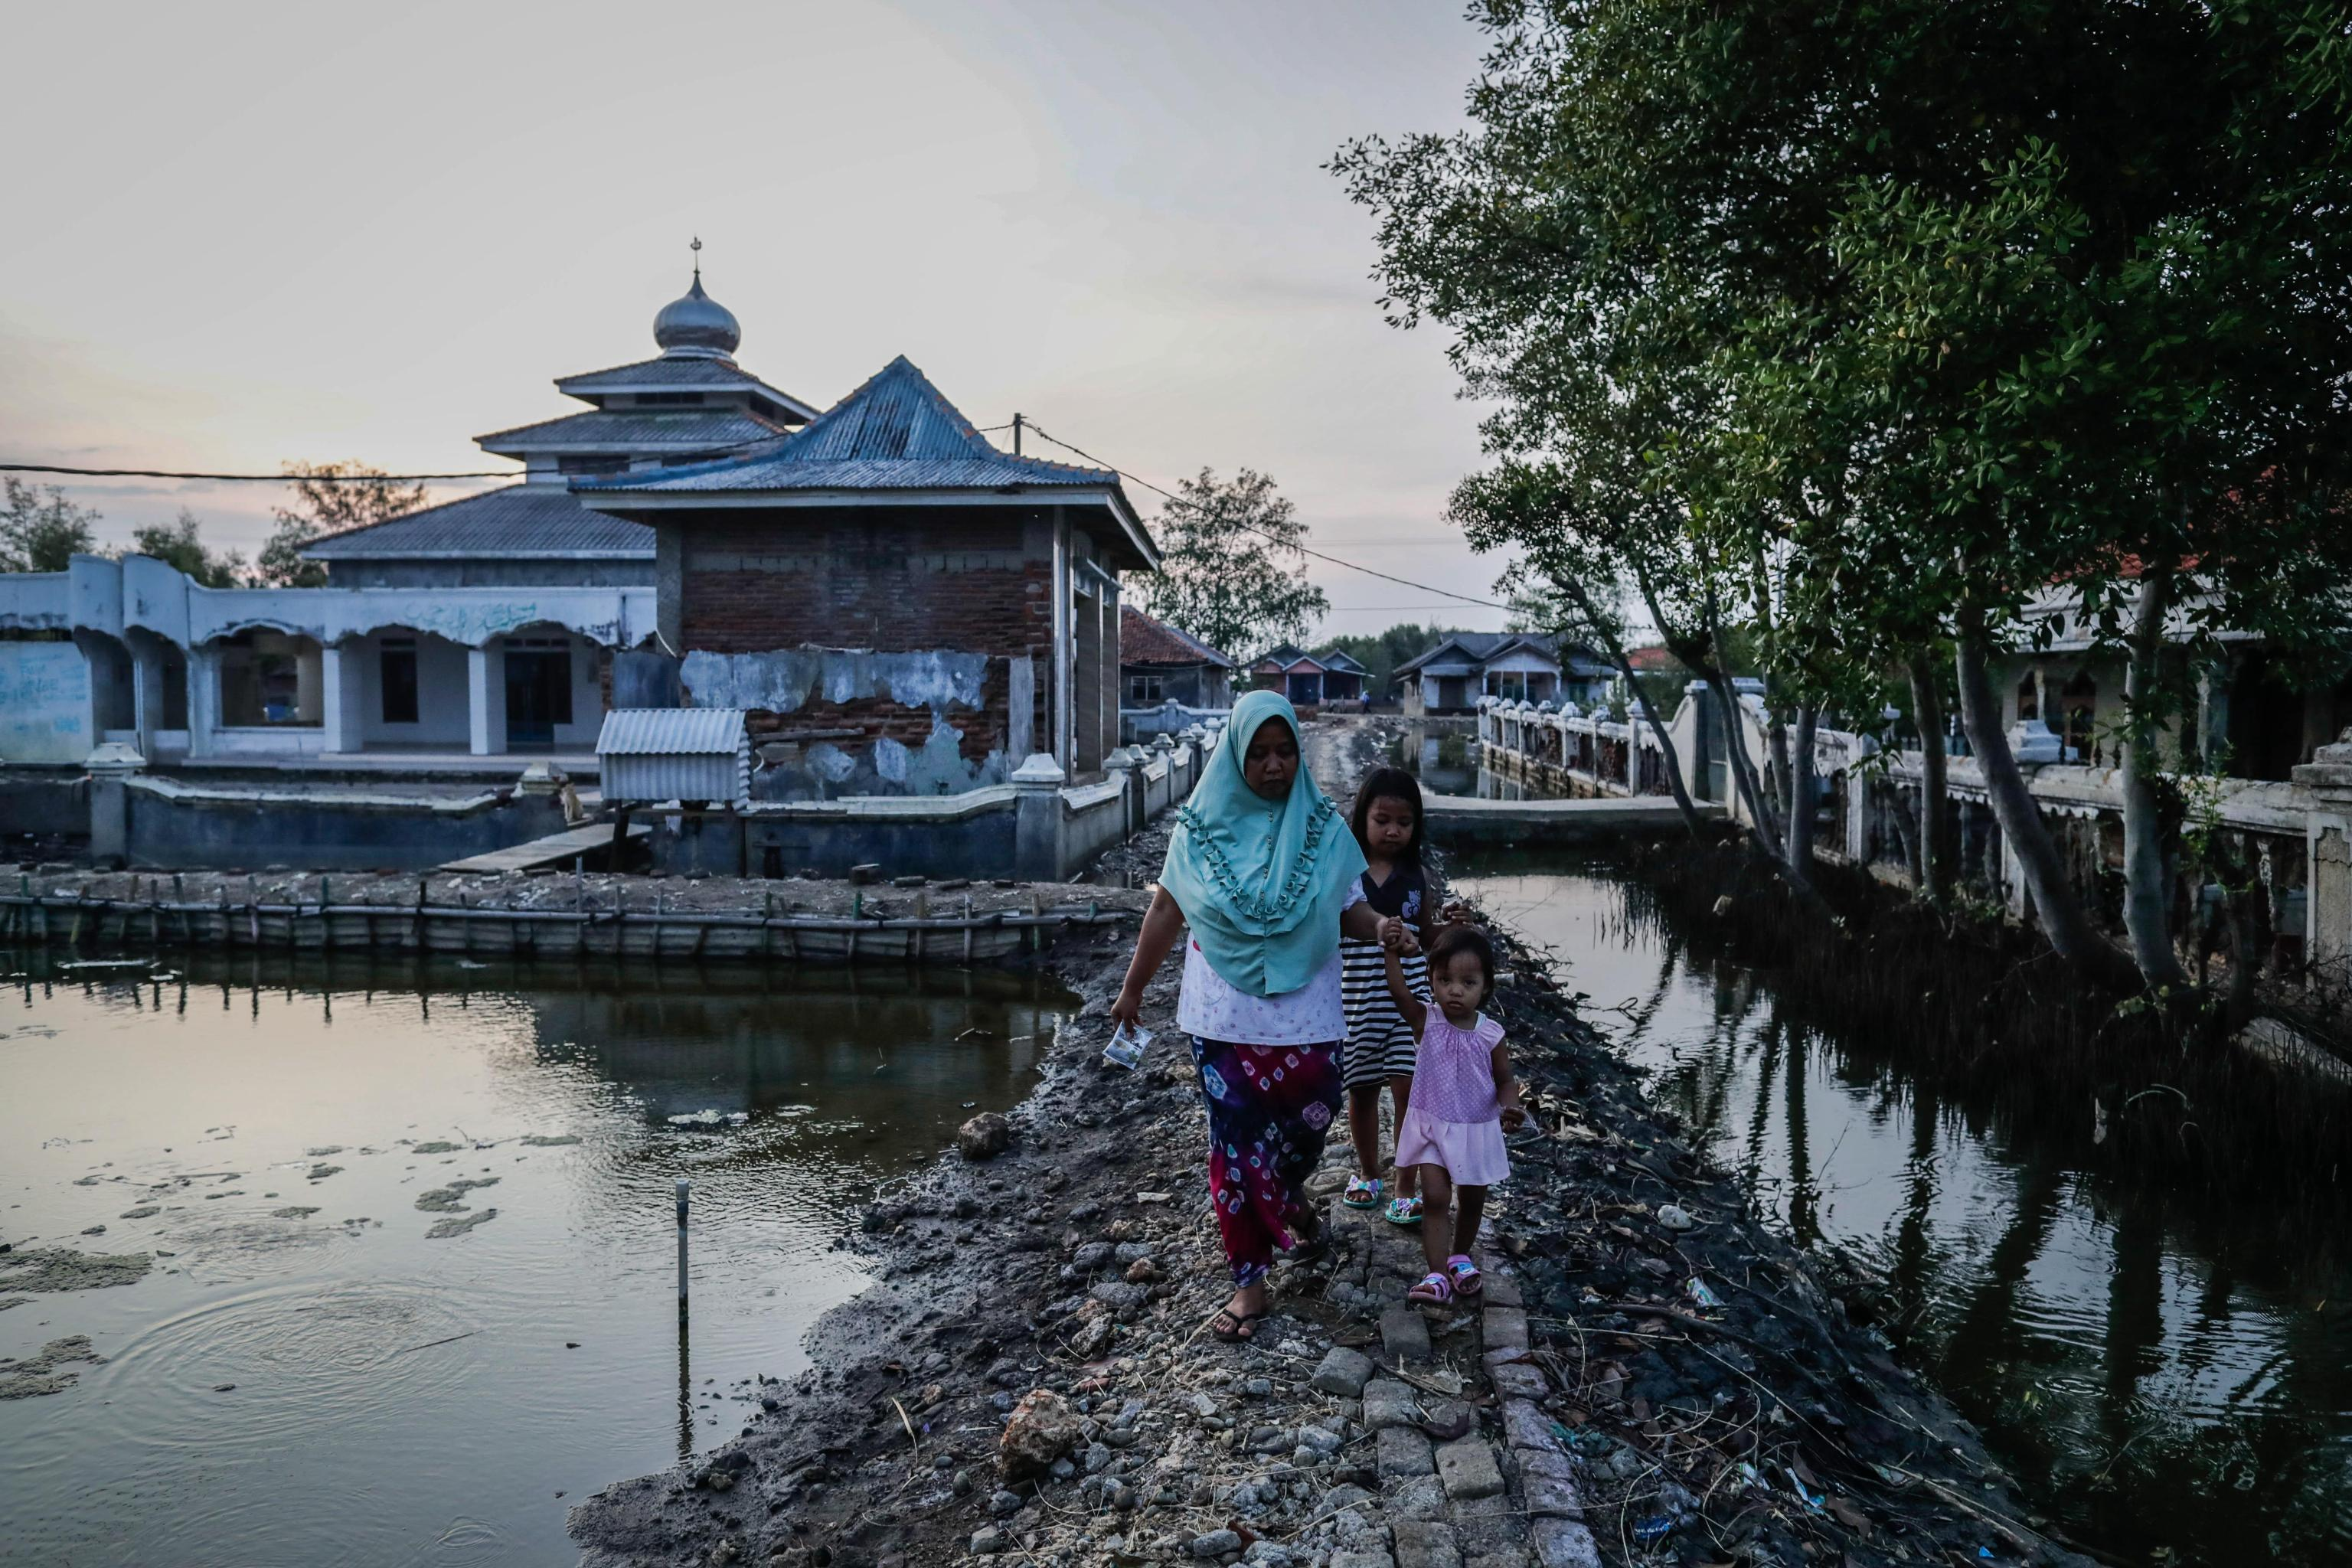 Il villaggio di Pantai Bahagia a Bekasi in Indonesia rischia di scomparire